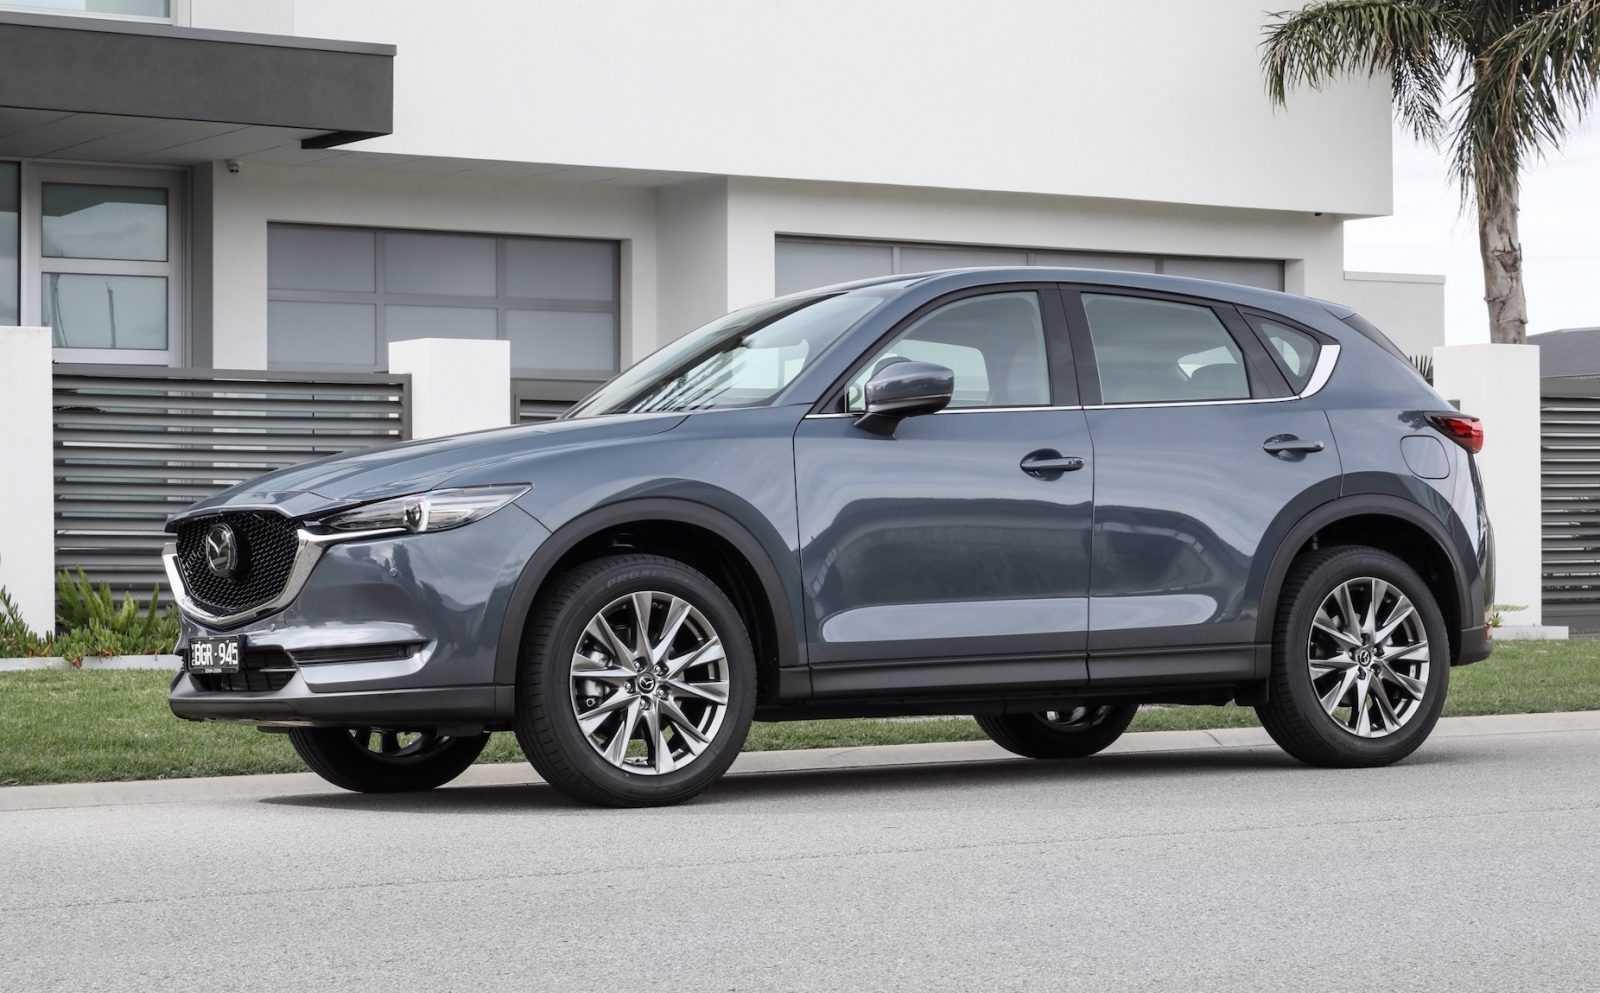 Kelebihan Kekurangan Mazda Cx 5 Top Model Tahun Ini